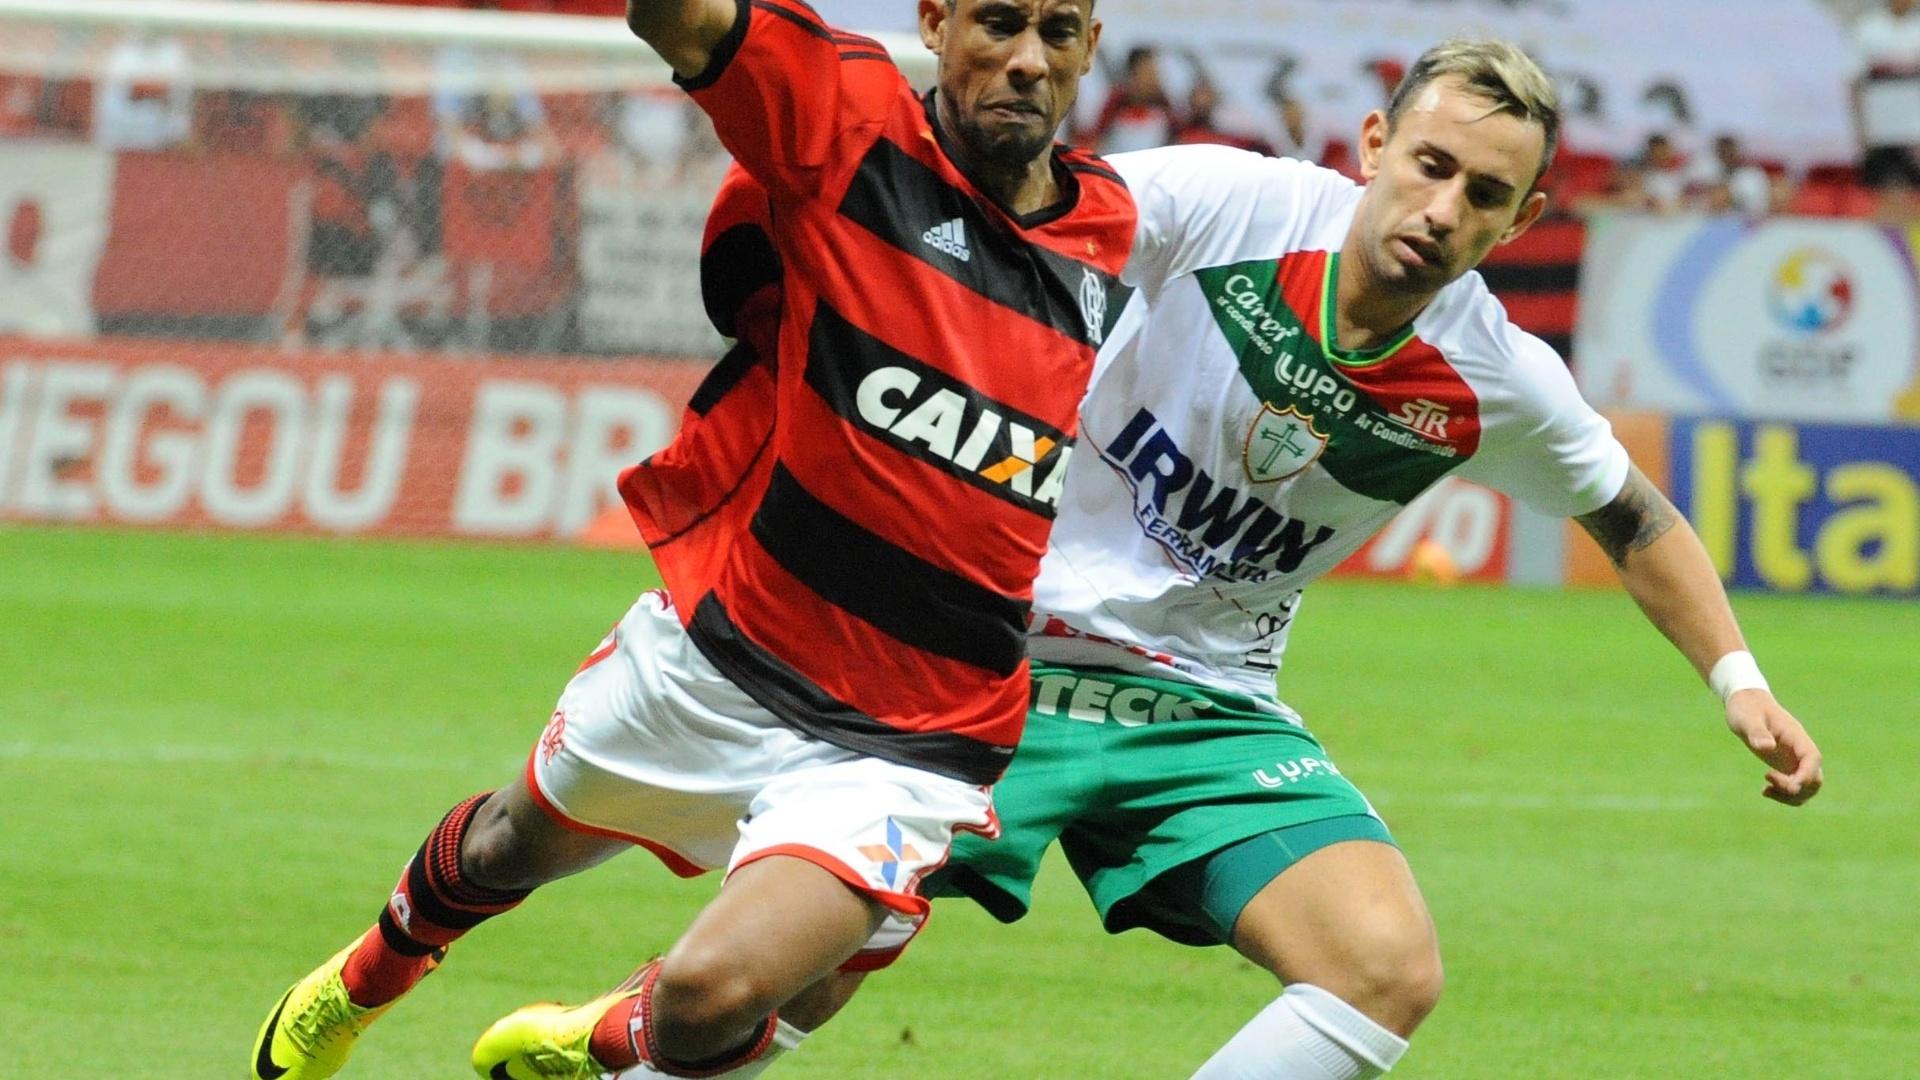 07.08.13 - Léo Moura encara marcação de Cañete na partida entre Flamengo e Portuguesa pelo Brasileirão